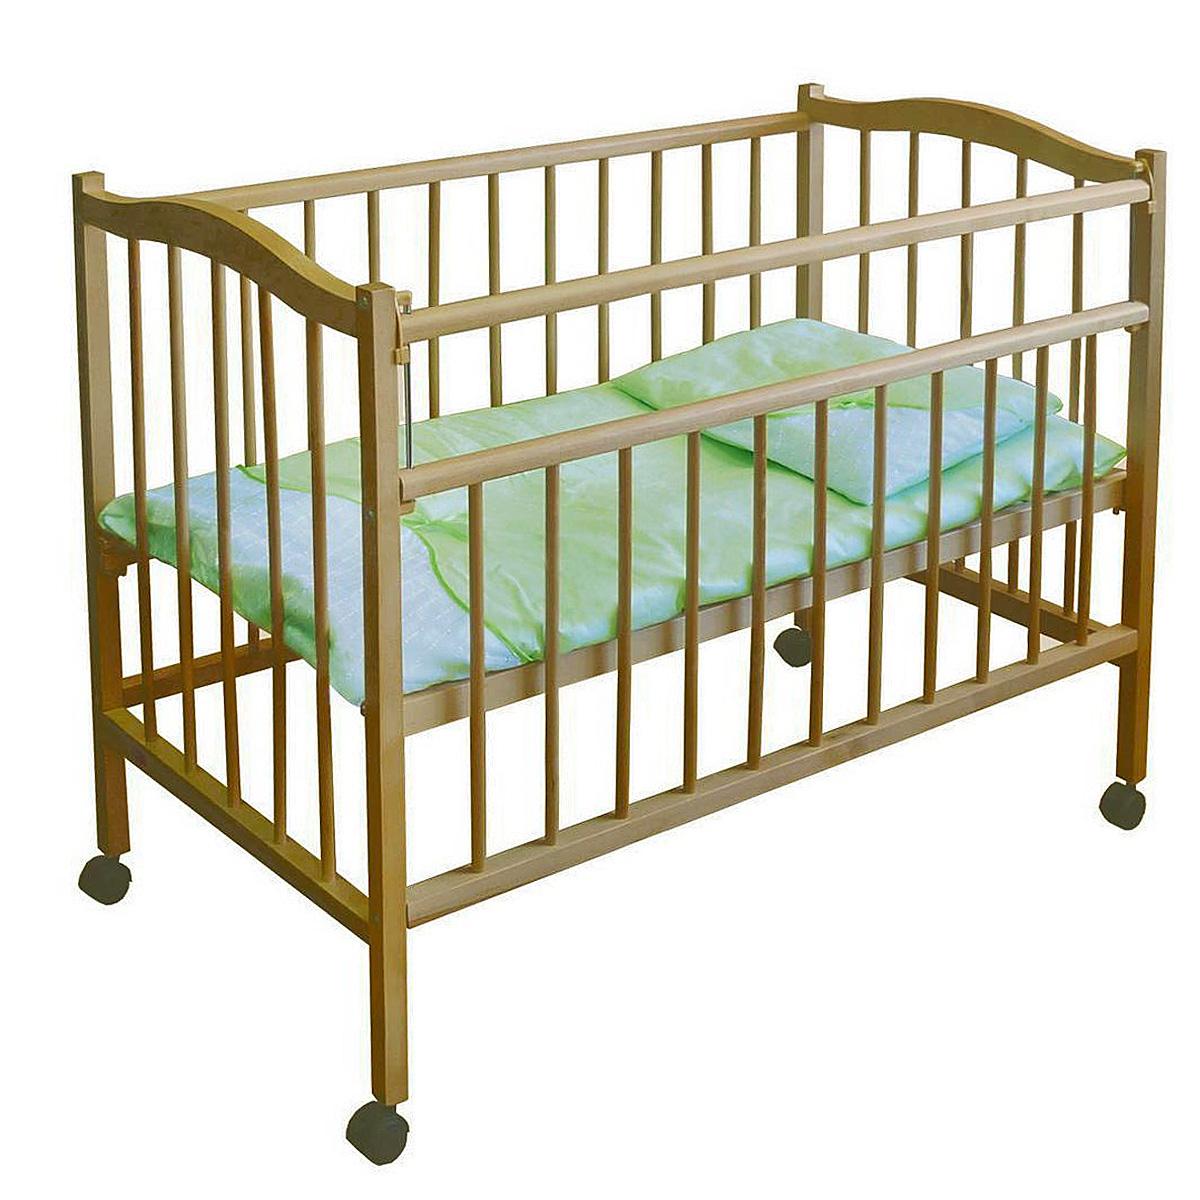 Кроватка детская Фея 203, из березы5510-02Детская кроватка Фея 203 изготовлена из массива березы. Такая кроватка отлично подходит для сна и отдыха малышей с первых дней жизни. Спинки, боковые стенки и днище кроватки реечные. Одна из боковых стенок оснащена опускающейся планкой. Кроватка имеет 4 колеса, два из которых оснащены стопорным механизмом.